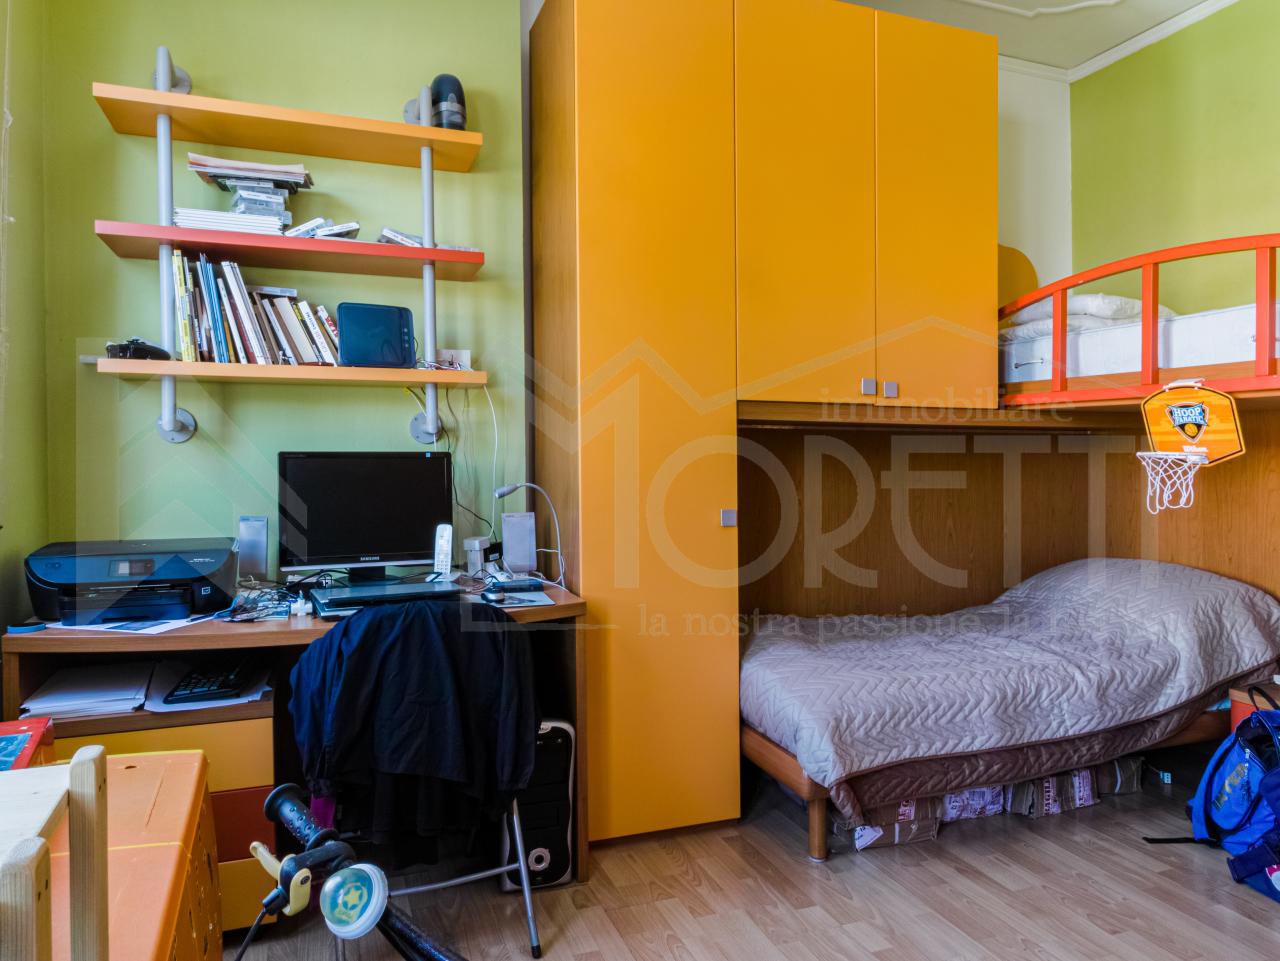 Appartamento in vendita a livorno case in vendita e for Case livorno